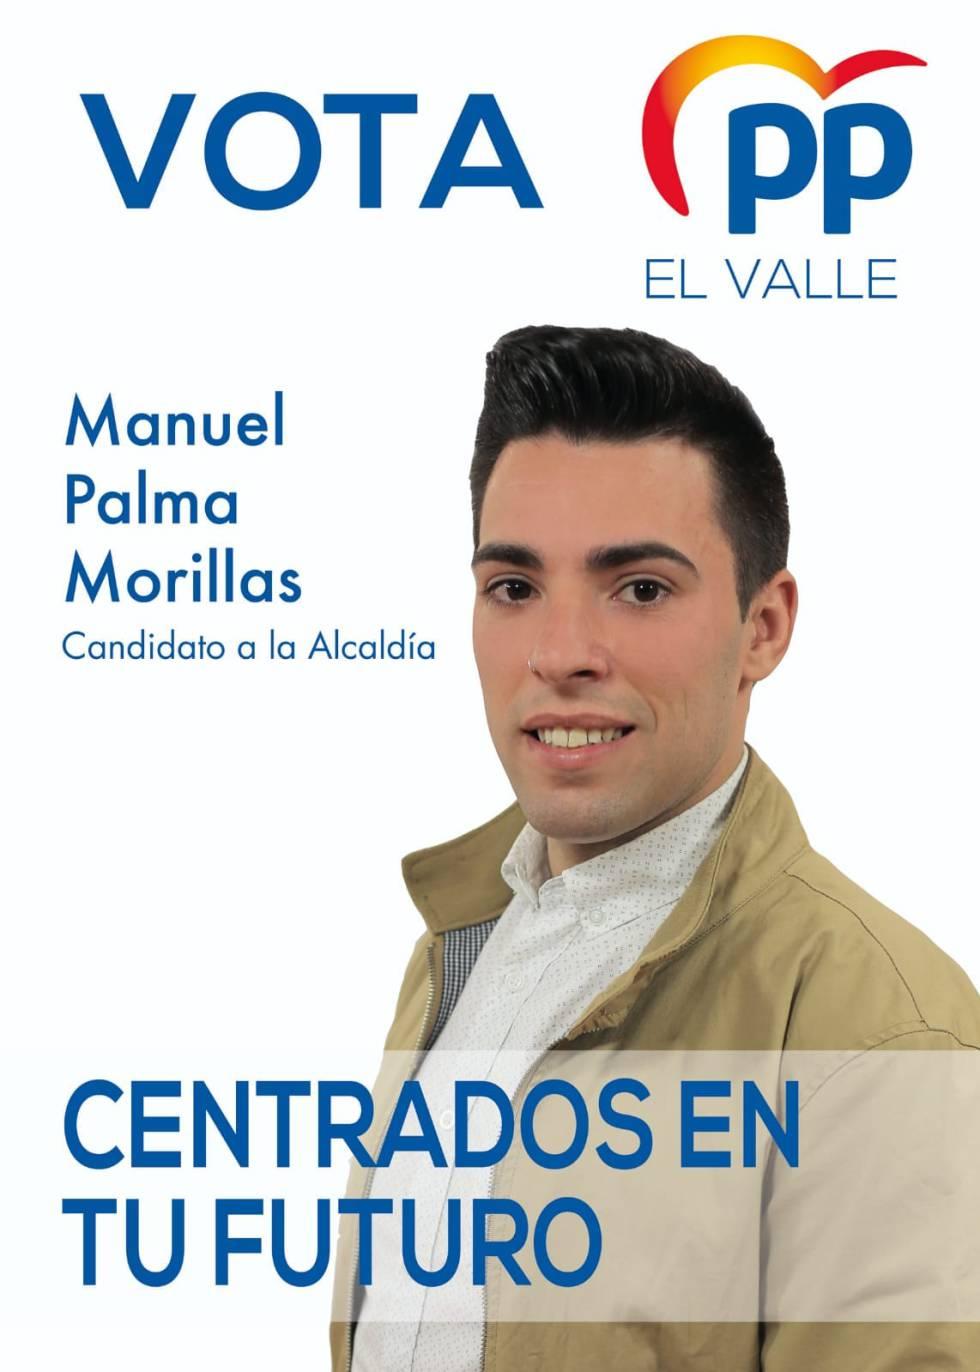 Manuel Palma, en un cartel electoral.